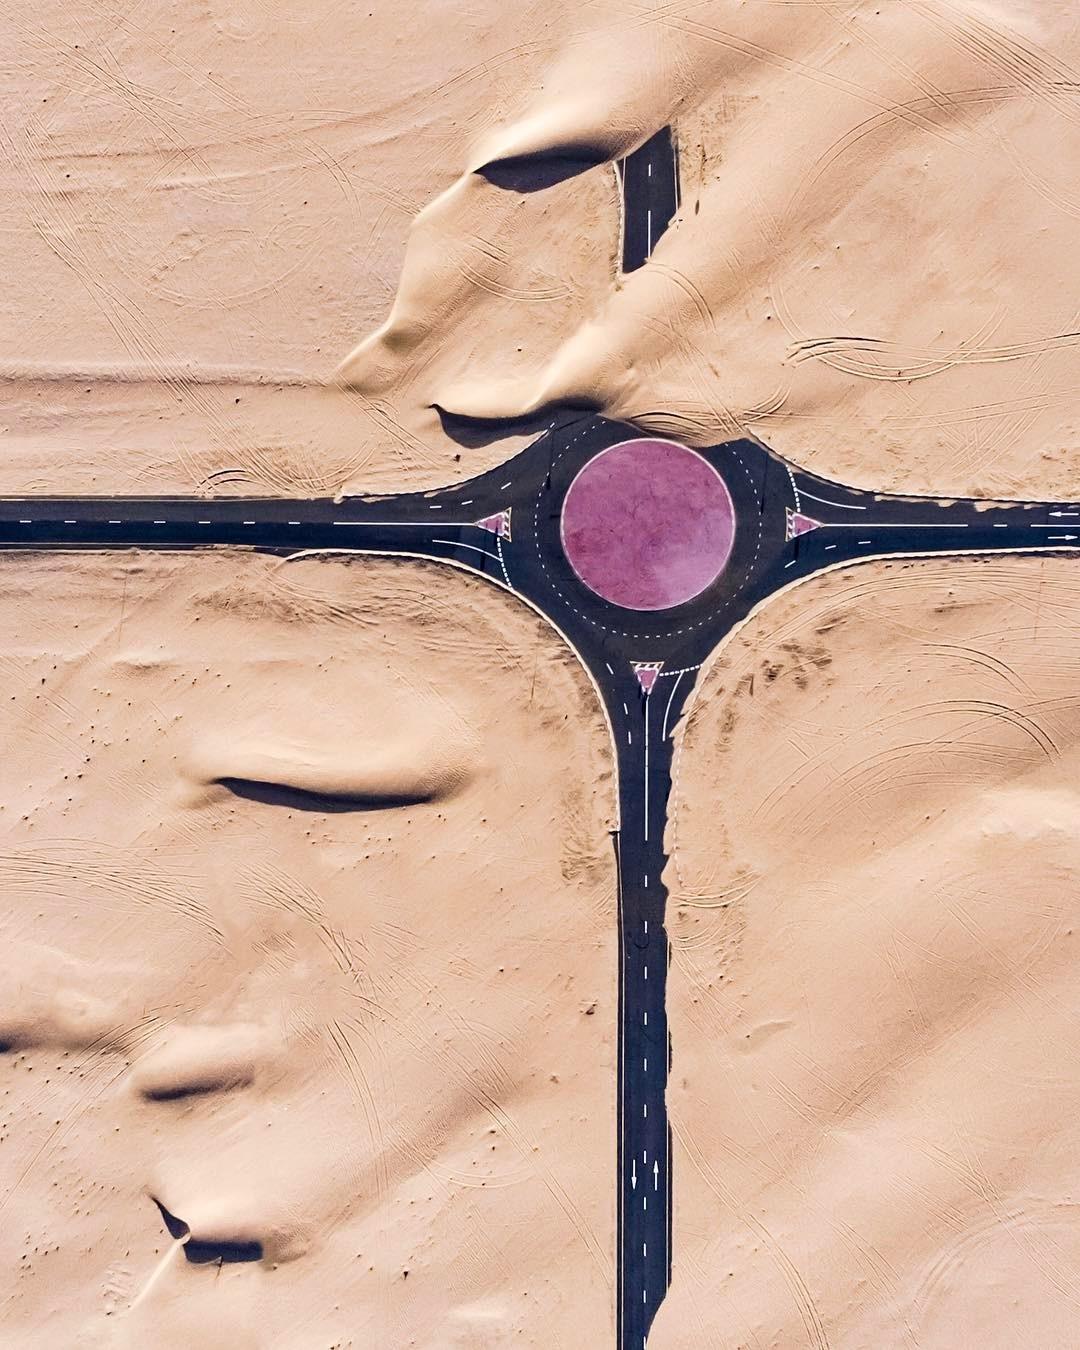 Irenaeus_Herok_Sandswept_Dubai_Highways_Moto-Mucci (5).jpg